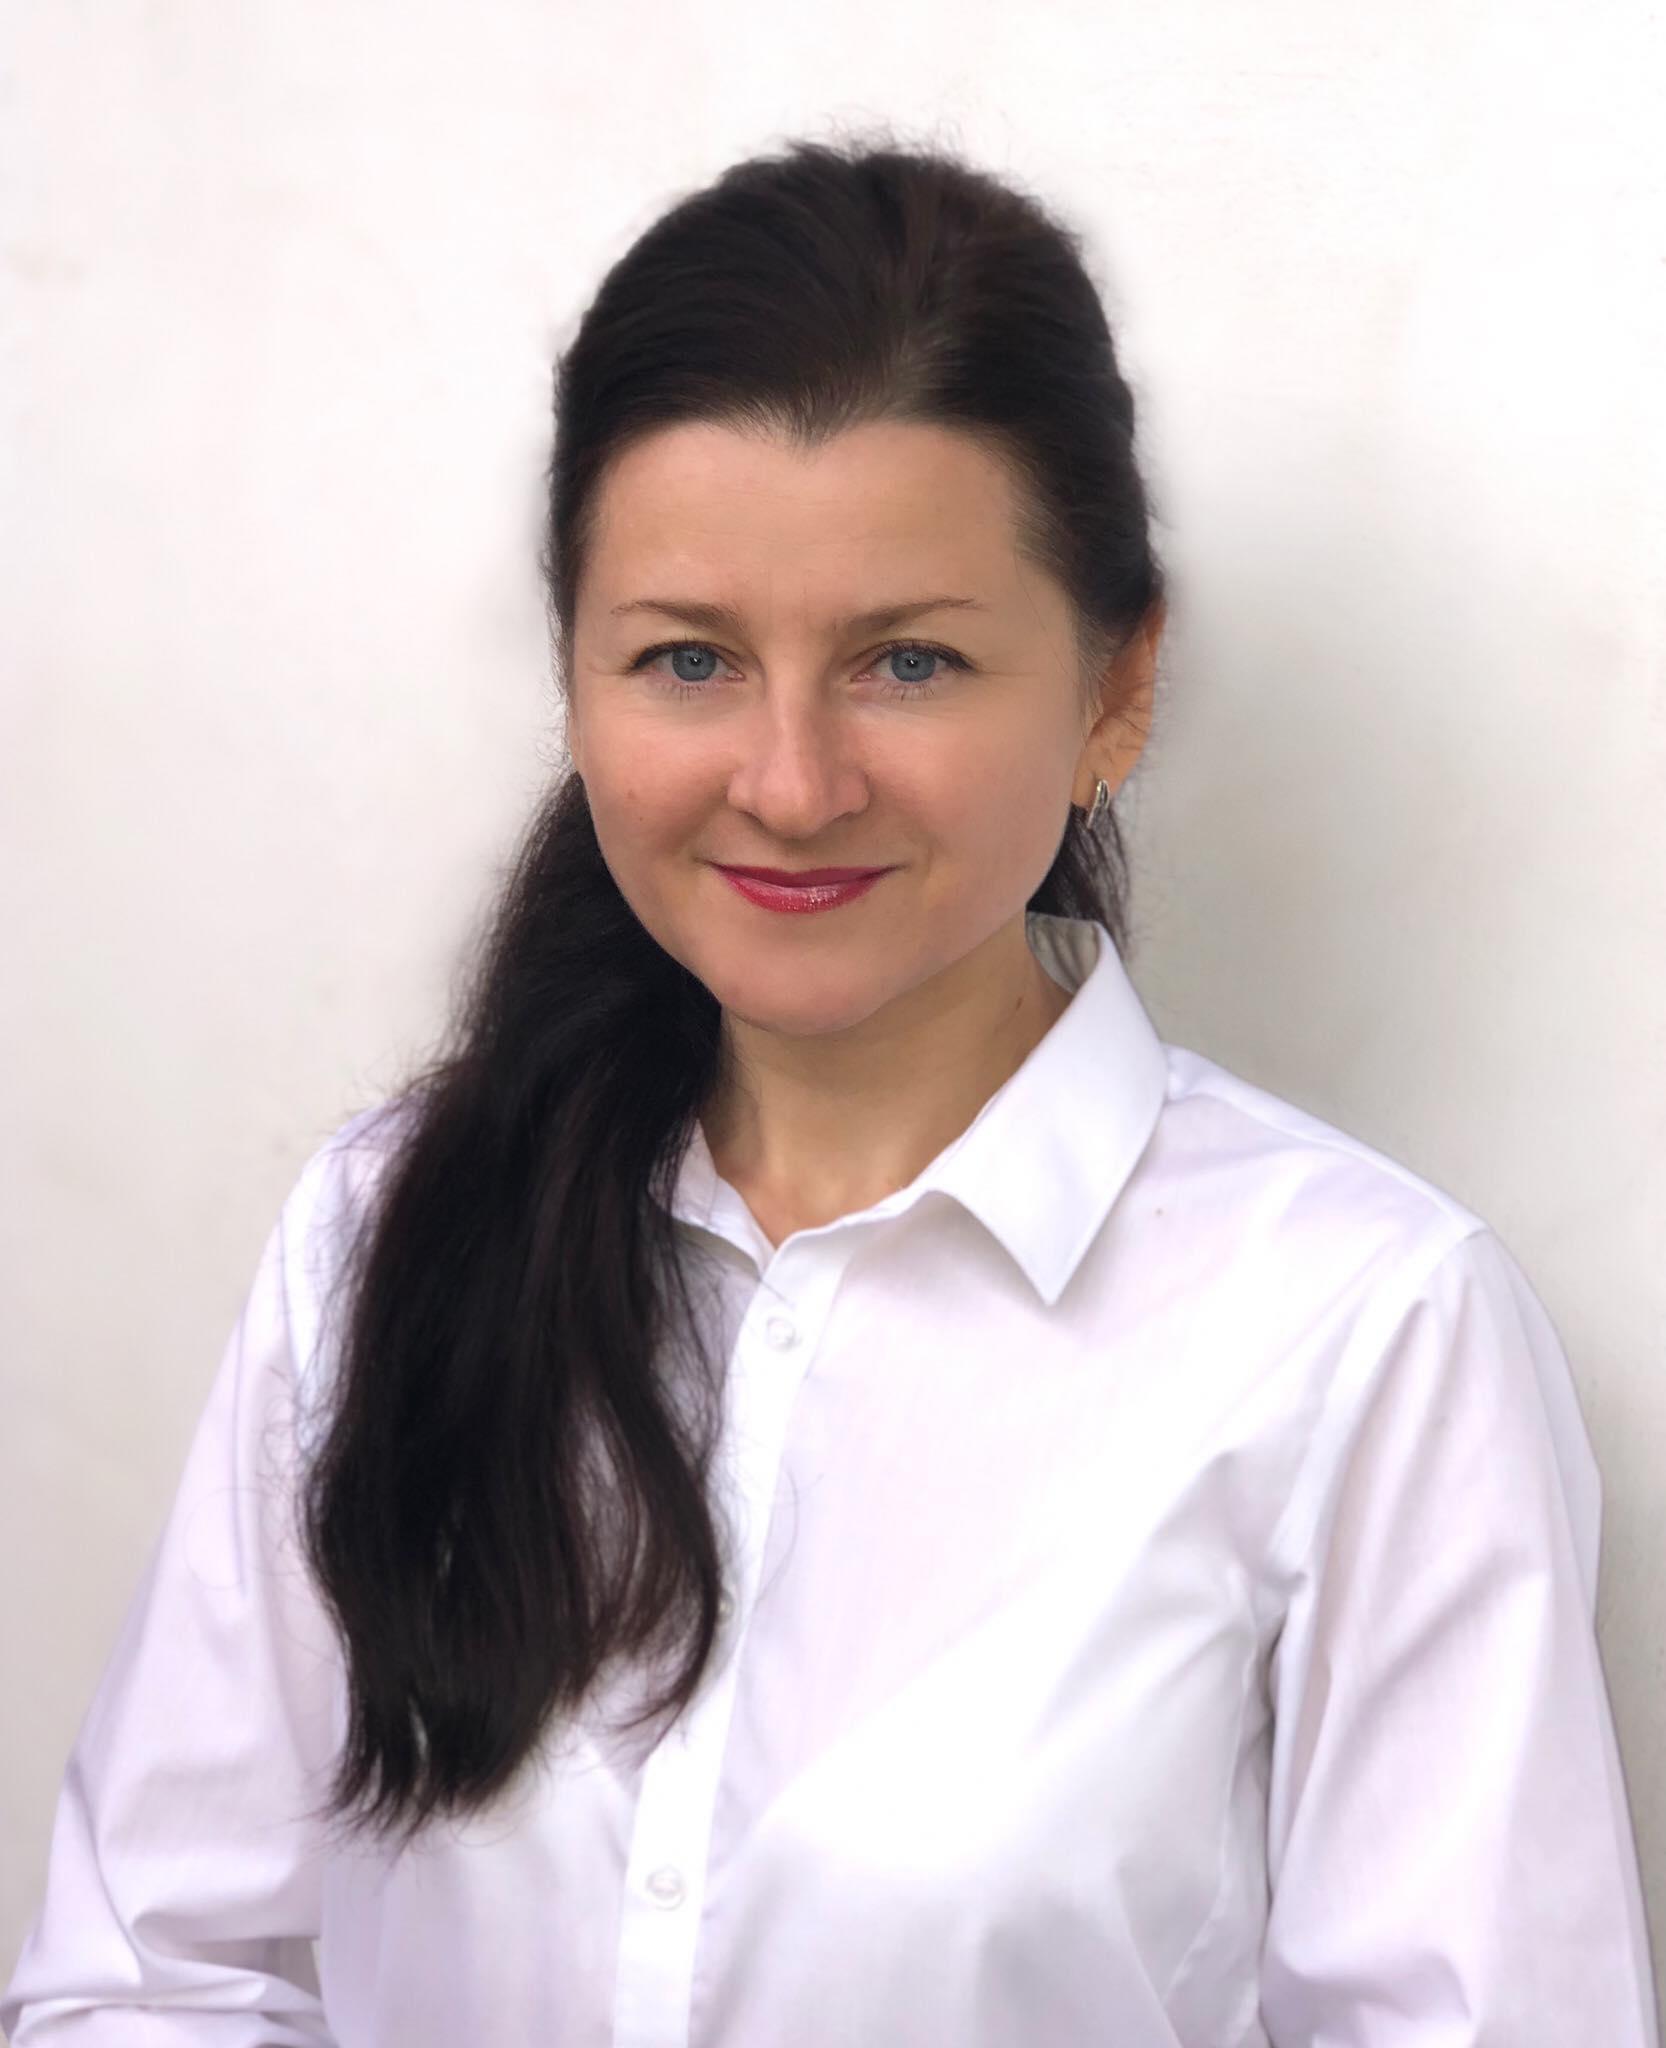 Kvitoslava Matiichuk